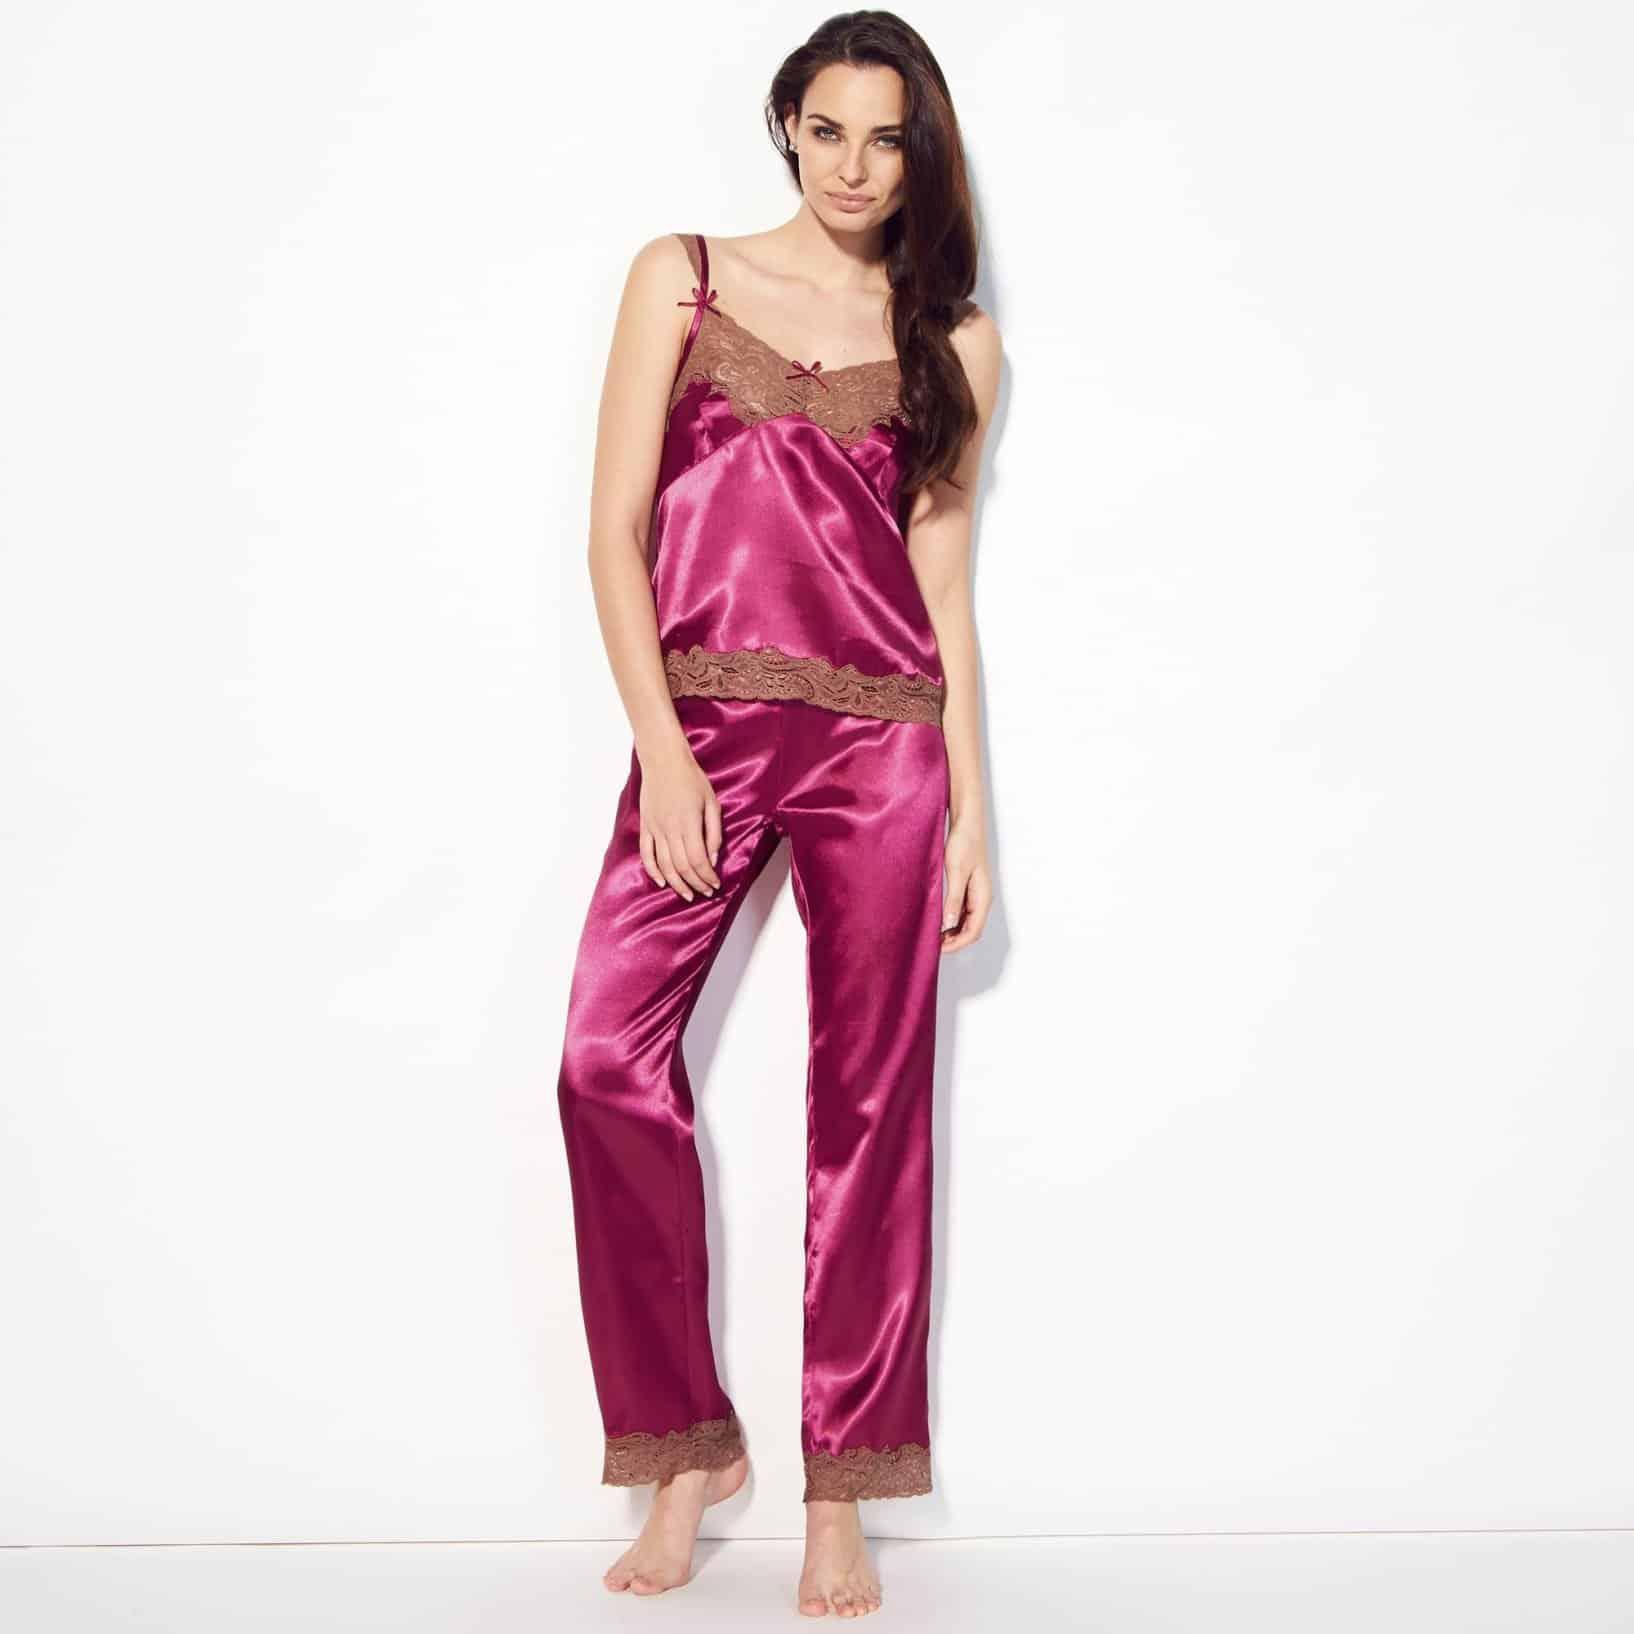 Bien-aimé Pyjama femme : quelles possibilités pour rester féminine XI54